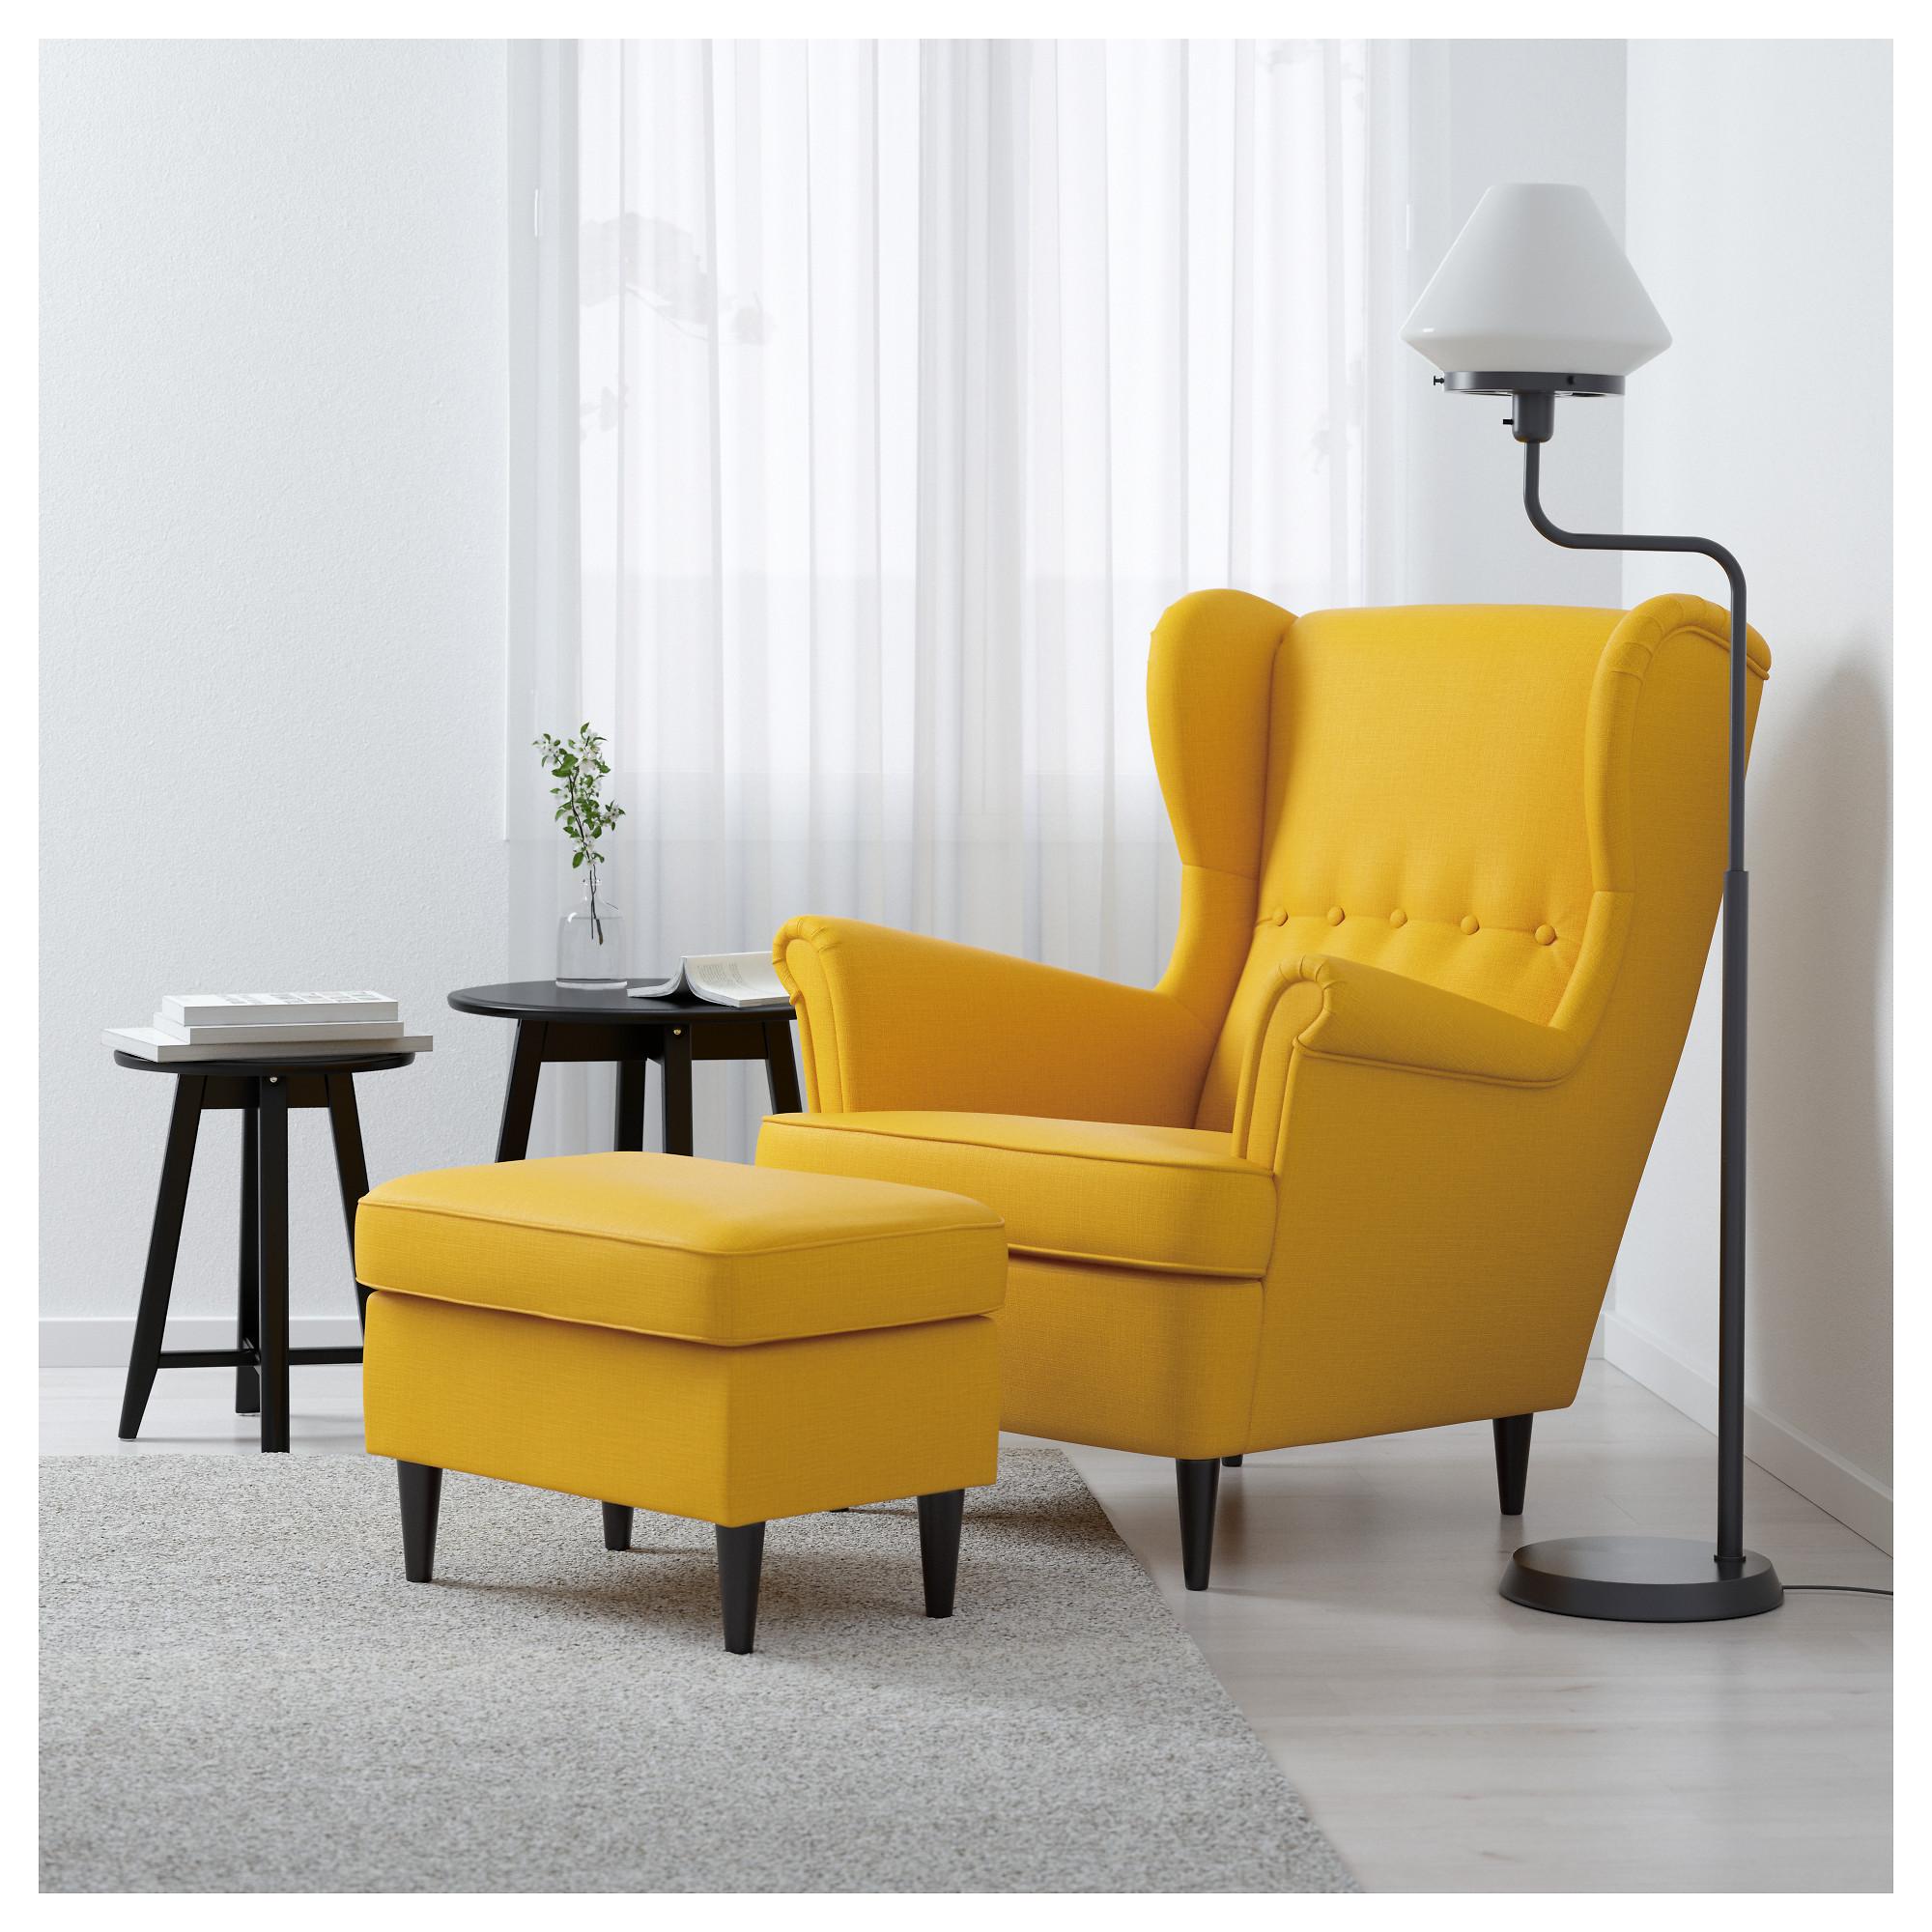 кресла от икеа производят впечатление жизнь в стиле икеа